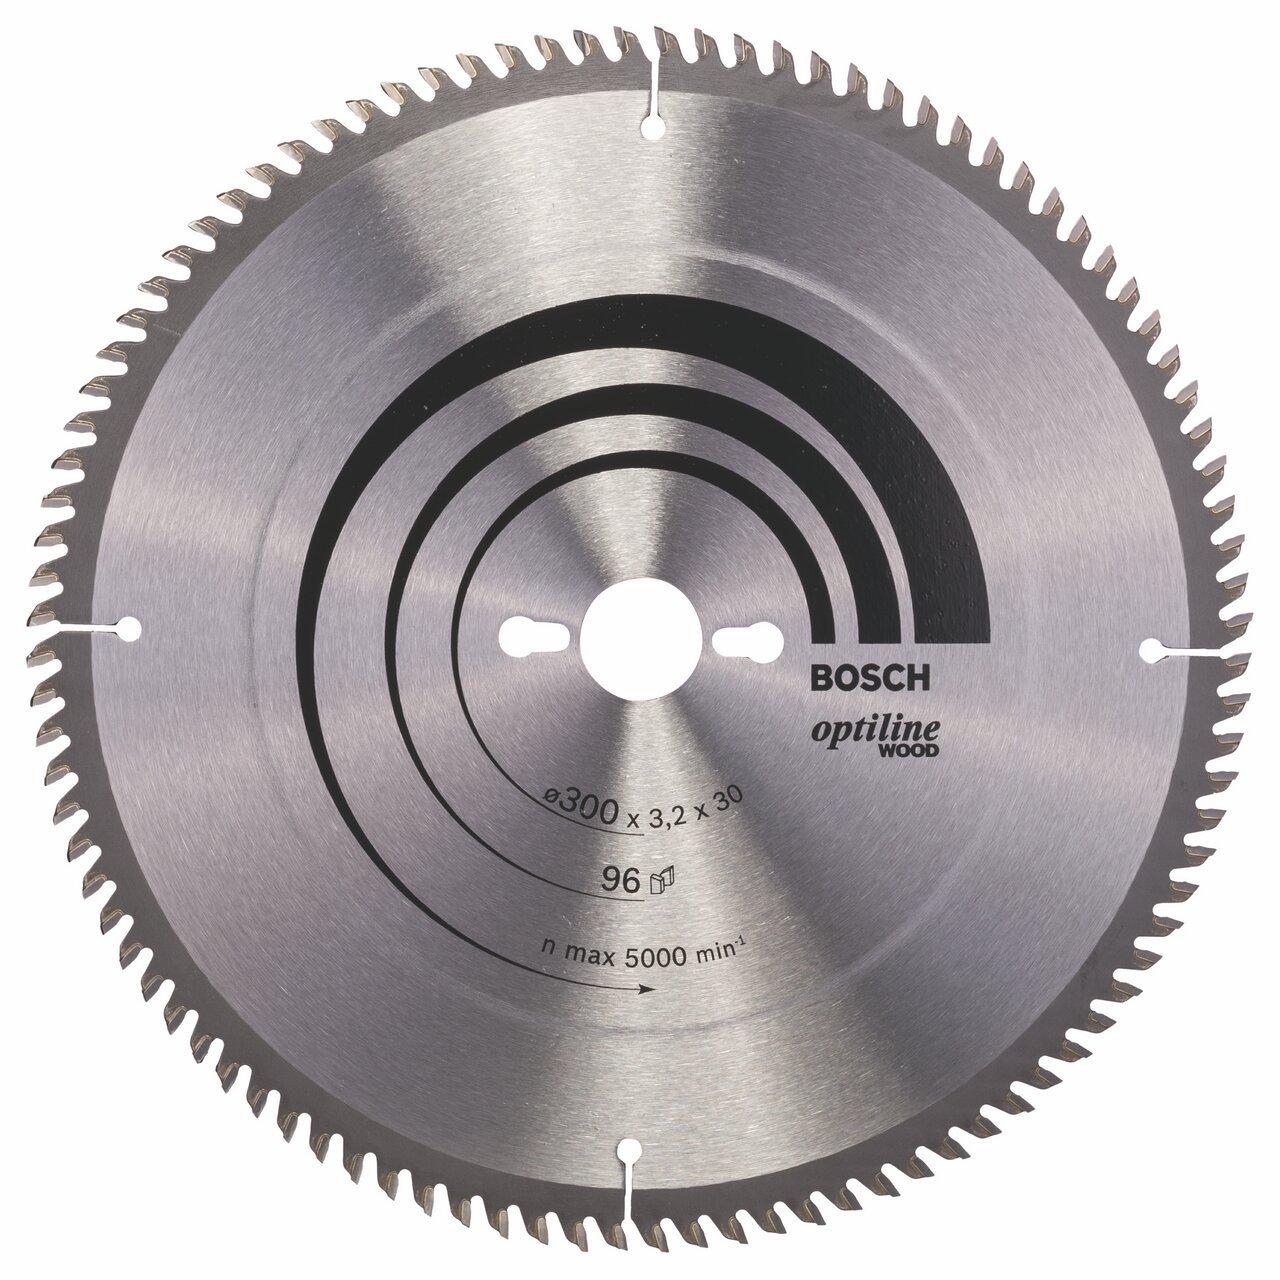 Bosch Zubehör 2608640661 Kreissägeblatt Optiline Wood 300 x 30 x 3,2 mm, 96  BaumarktKundenbewertung und weitere Informationen